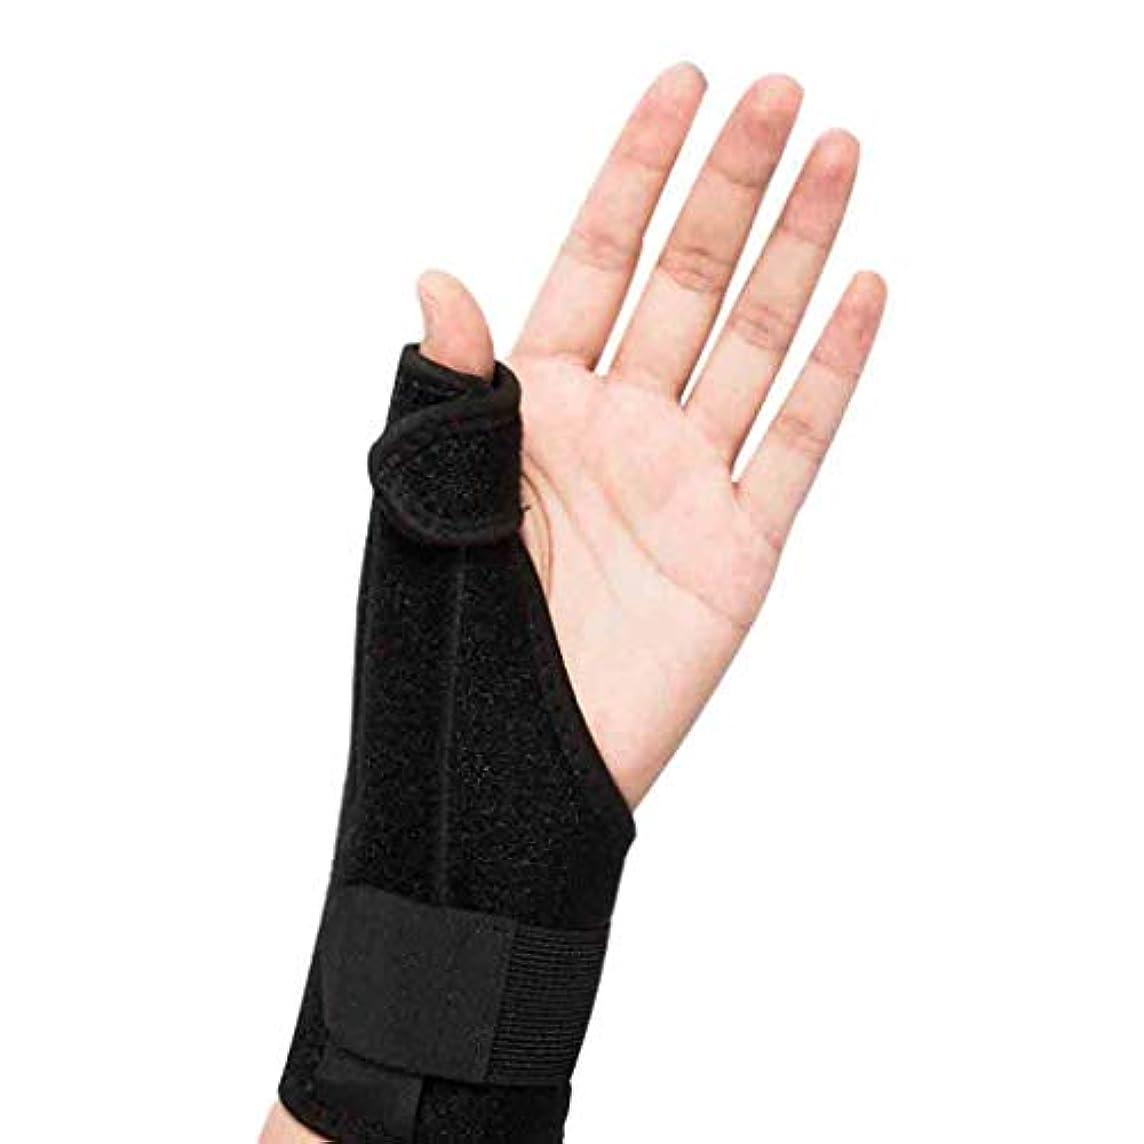 不健康音楽を聴く仲人ThumbスプリントトリガーThumb腱鞘炎Wristband関節炎トリートメントThumb捻挫の関節を固定&安定化するブレース Roscloud@